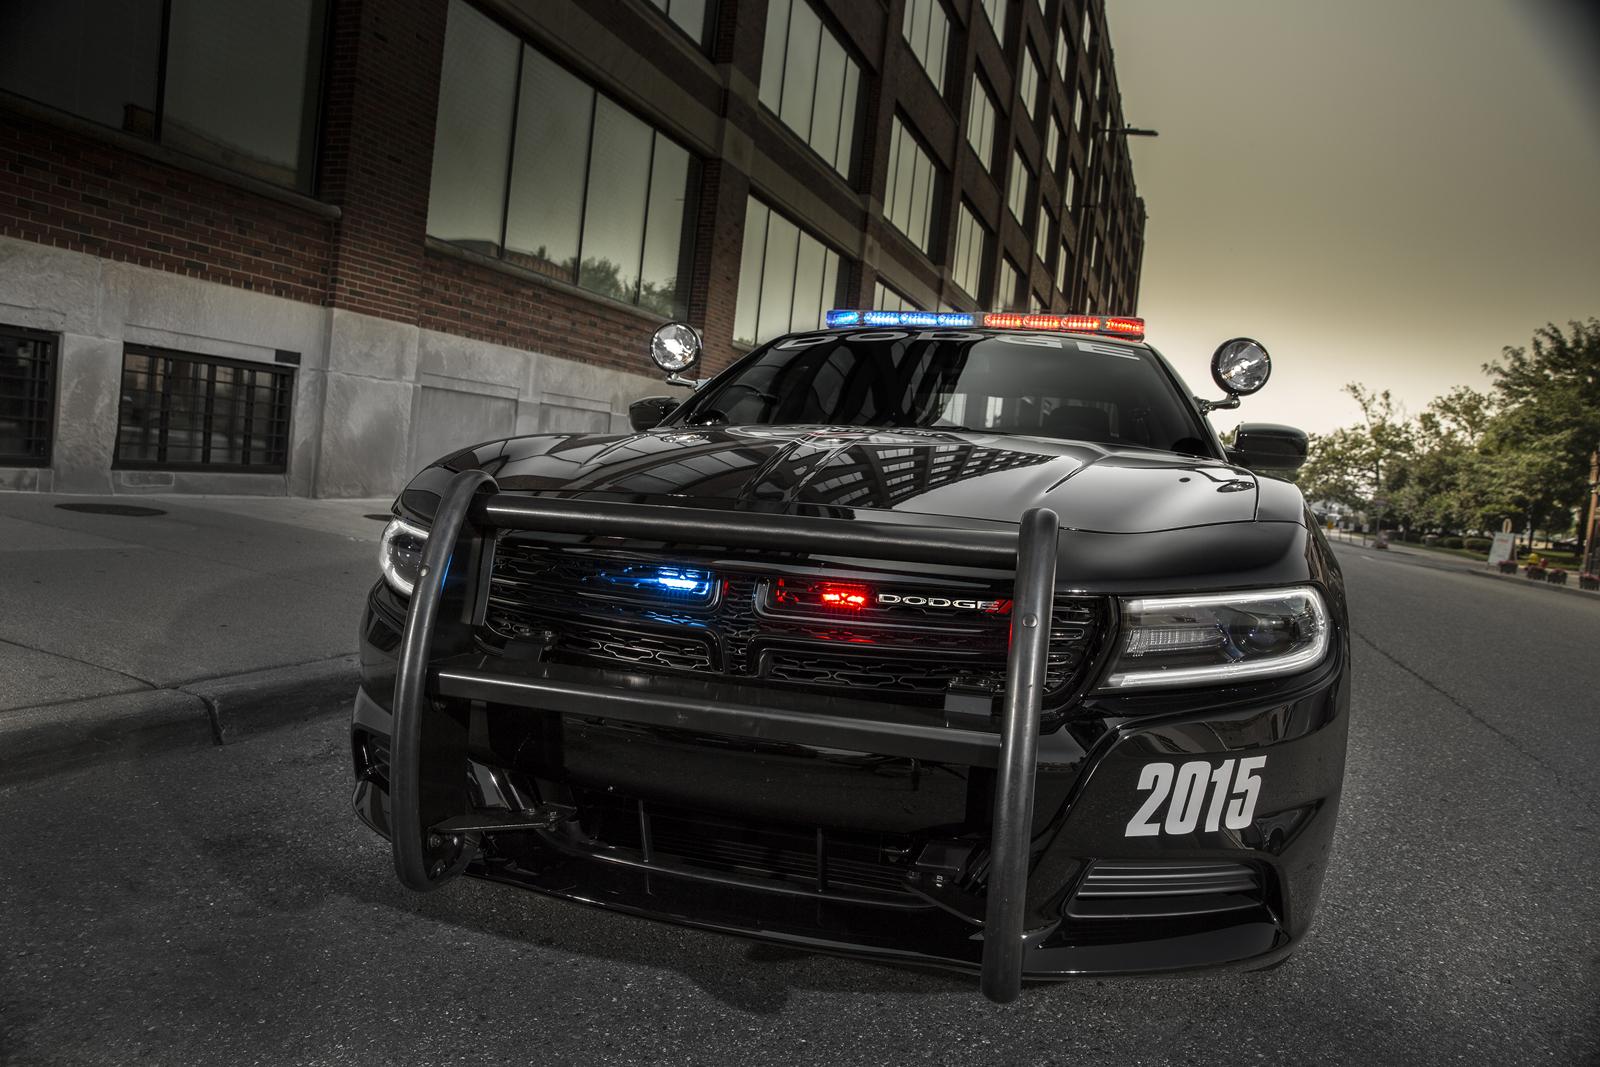 2015-Dodge-Charger-Pursuit-5